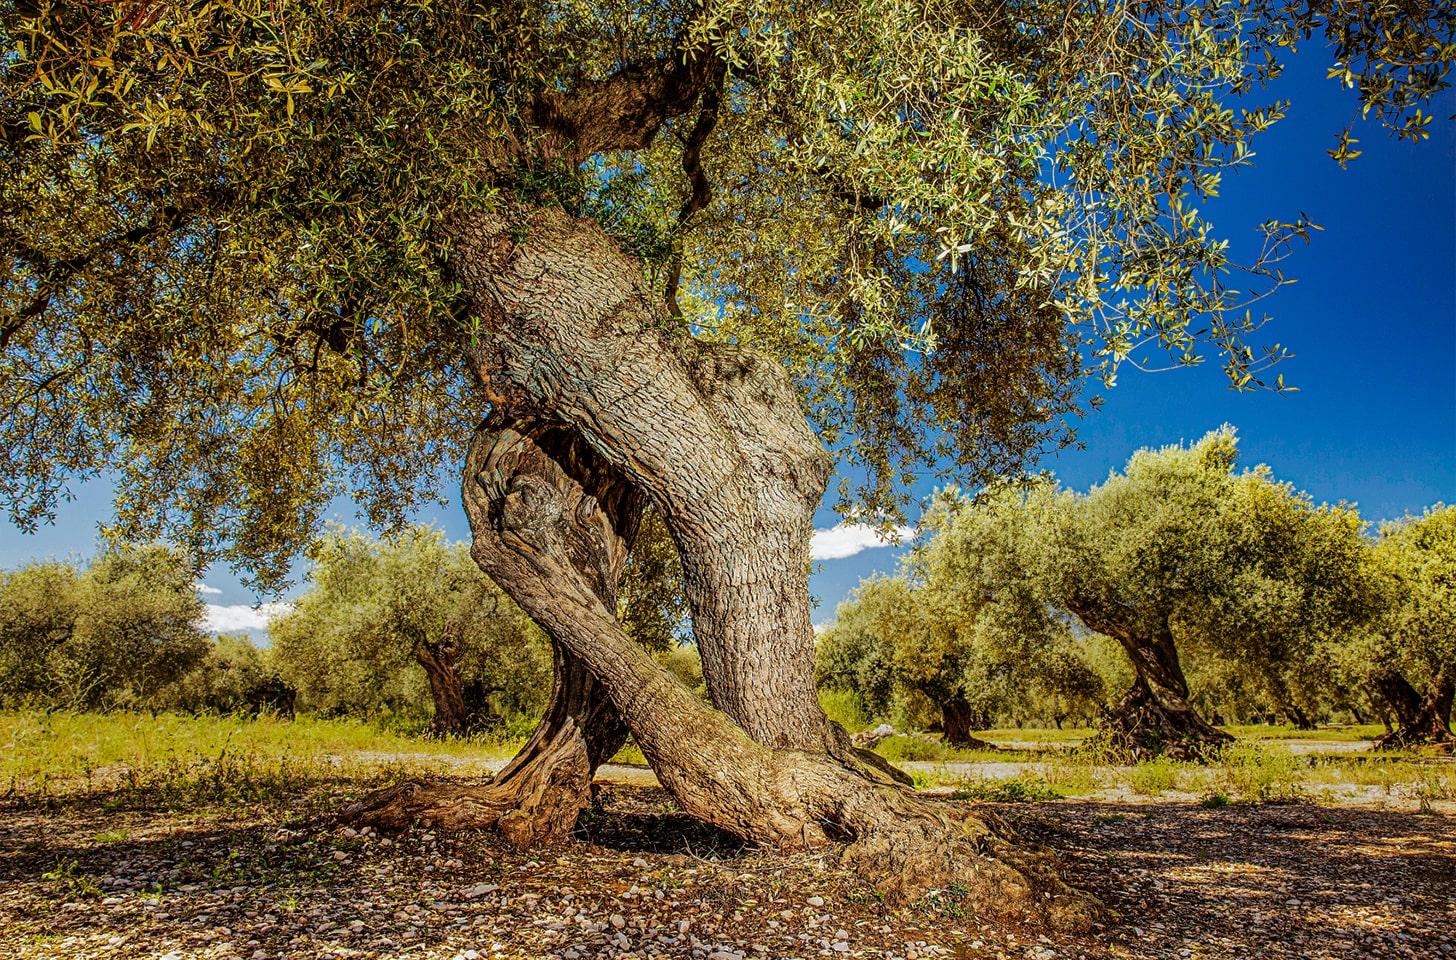 oliveres_02-min